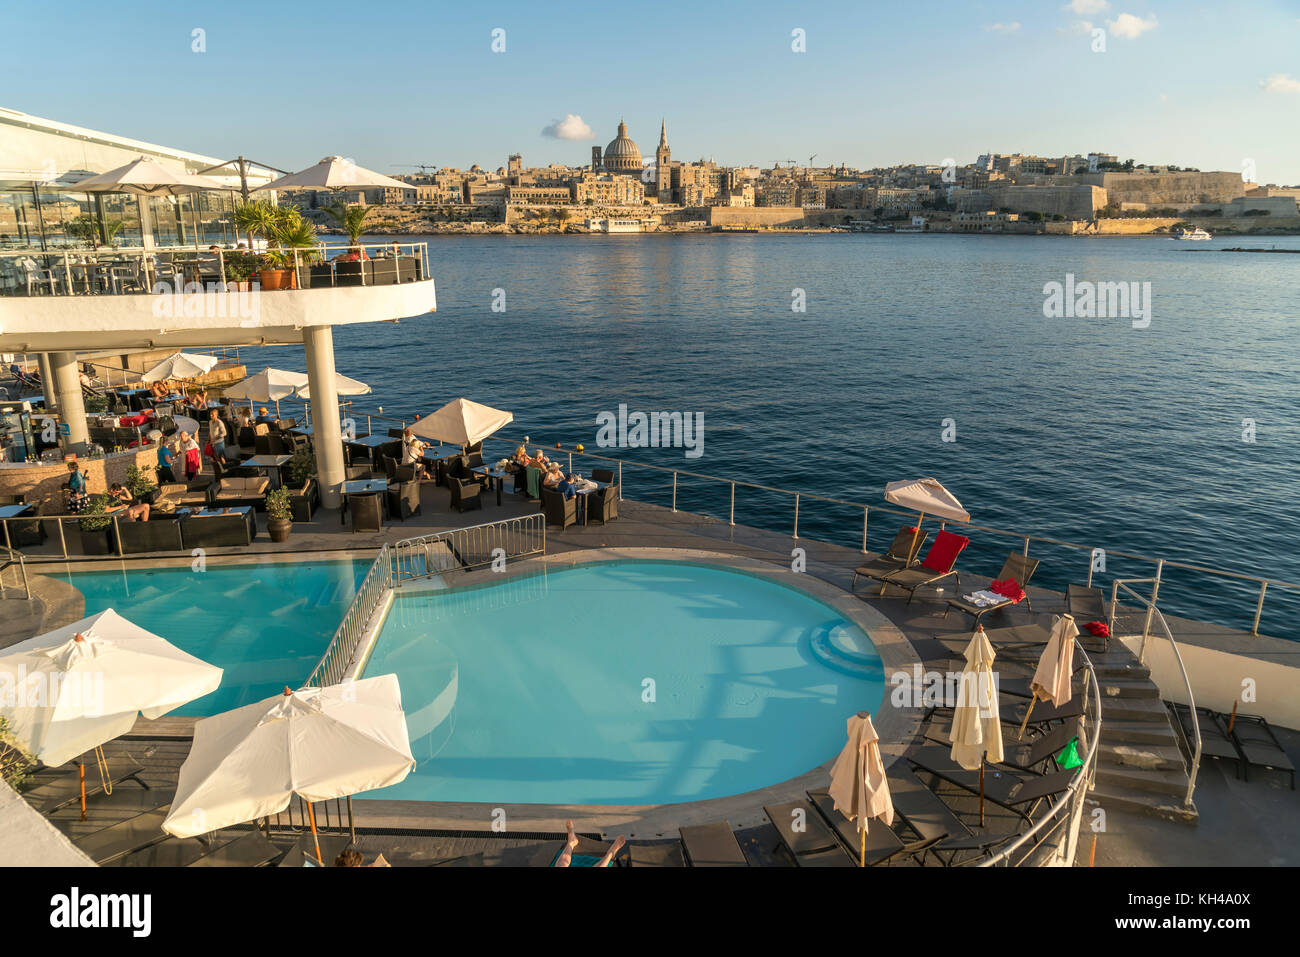 Pool und Restaurant des Hotel Fortina vor der Stadtansicht von Valletta, Malta  |  Hotel Fortina Pool, Terrace Restaurant - Stock Image